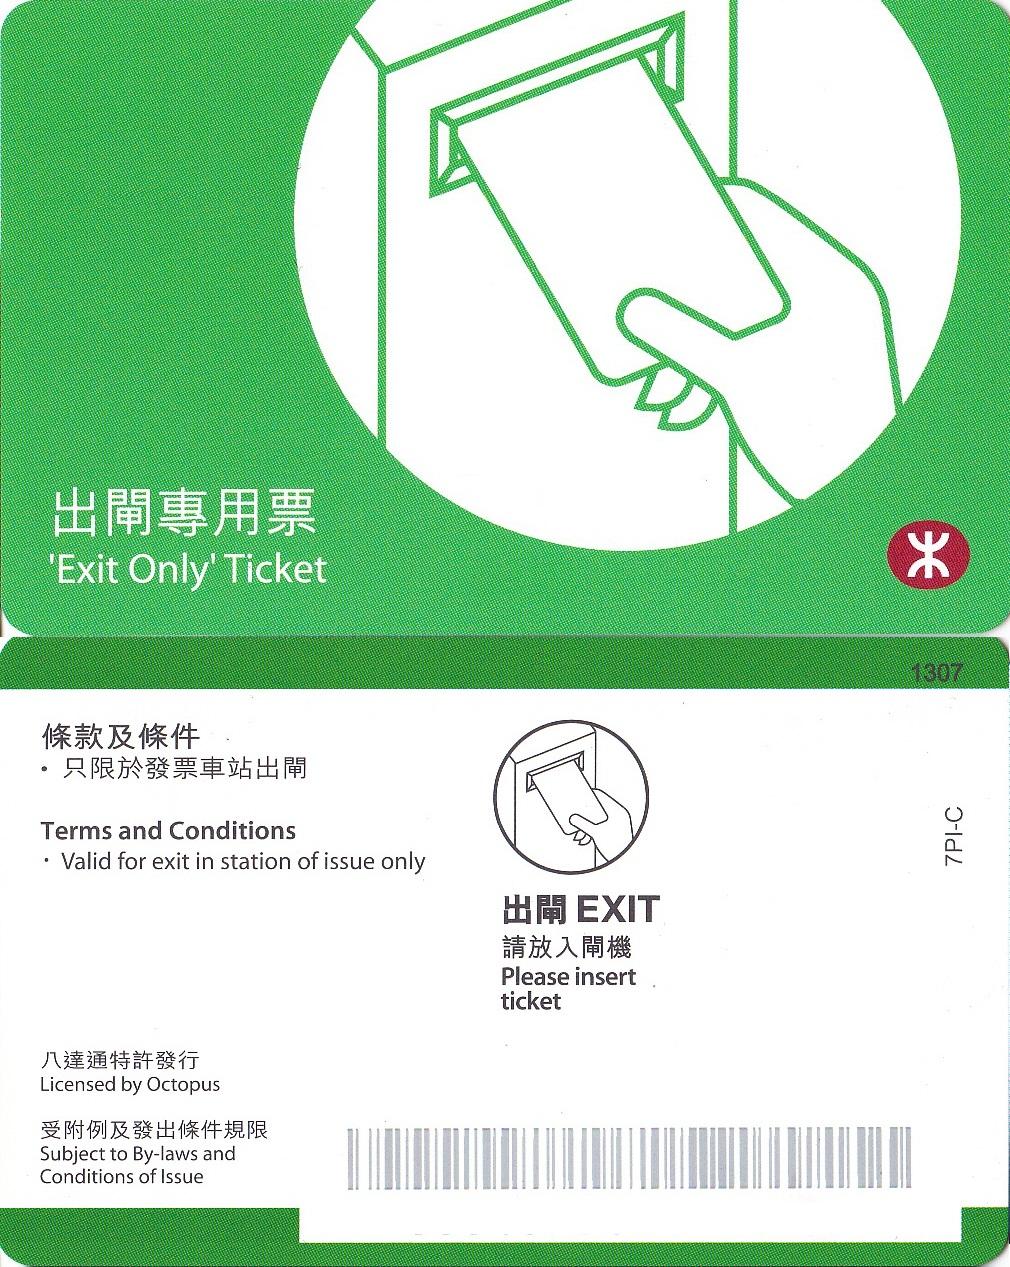 出閘專用票